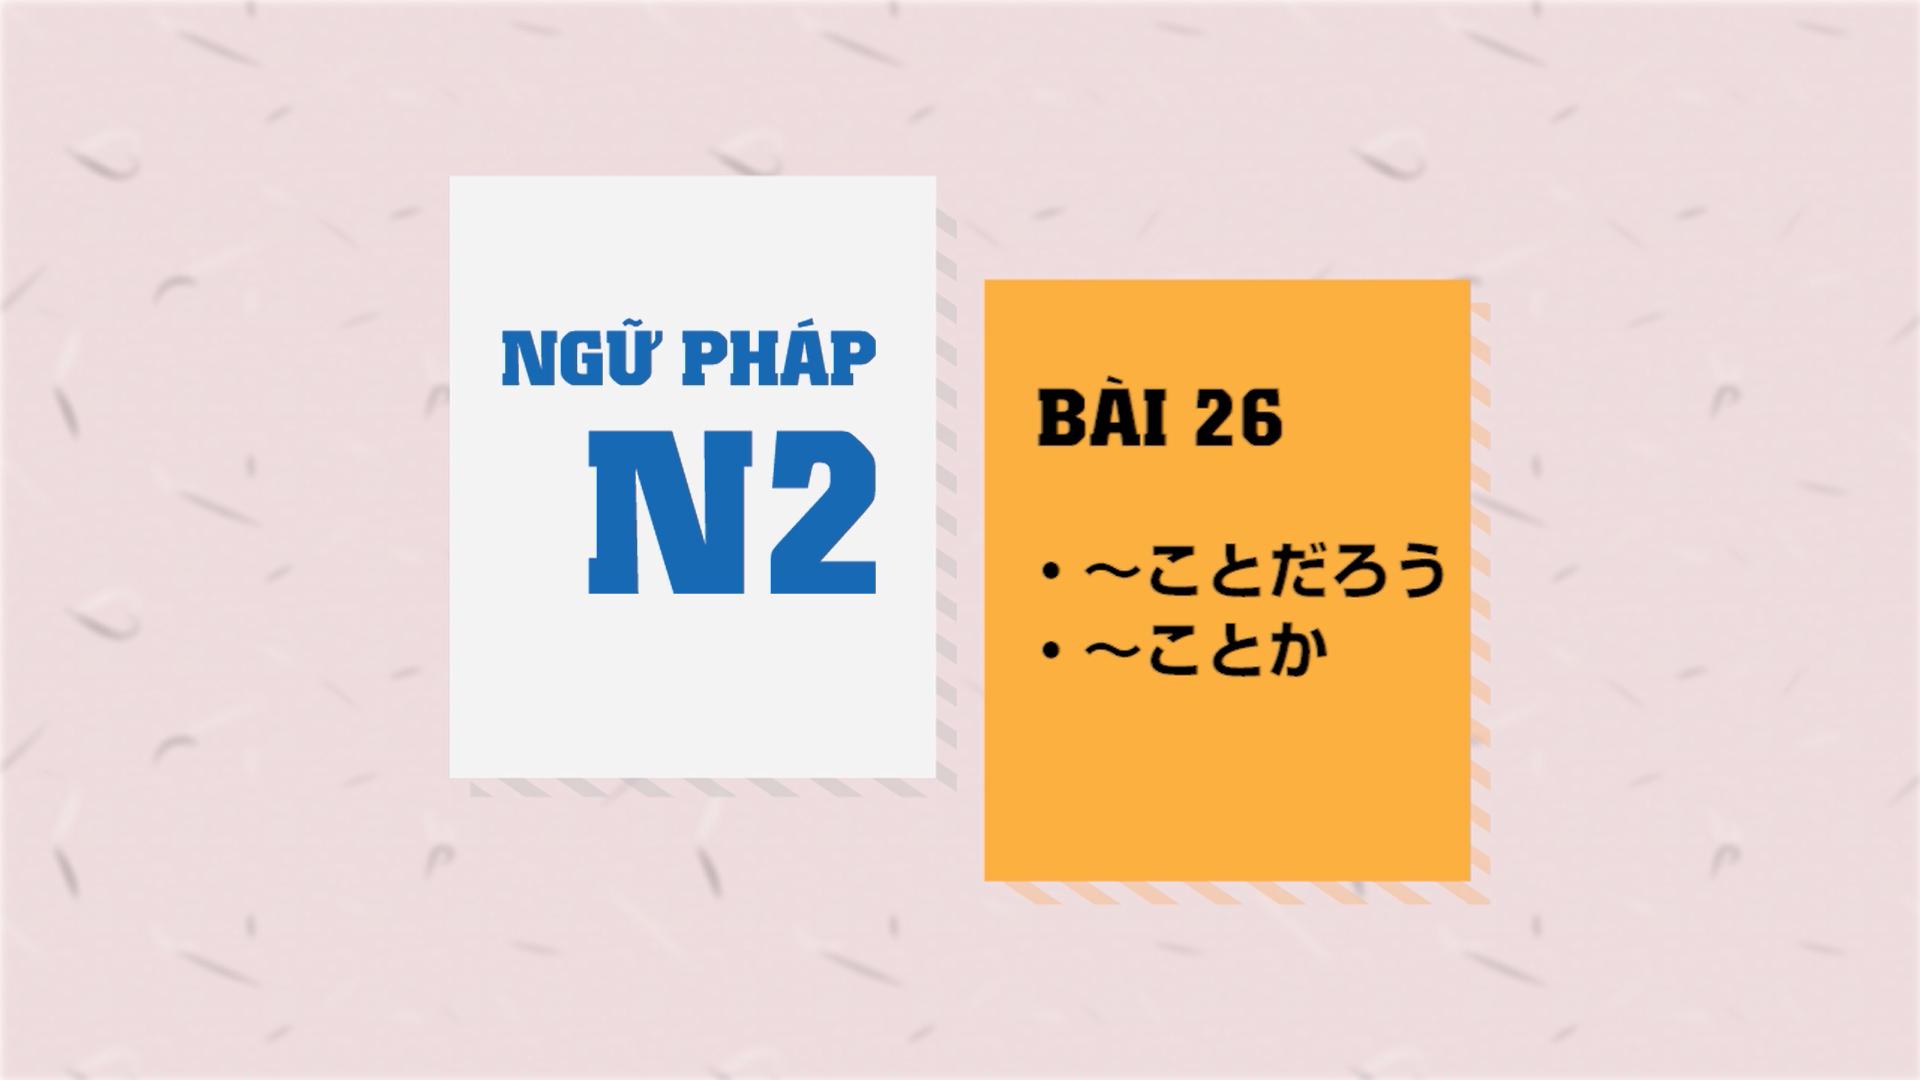 [Ngữ pháp N2] Bài 26: 〜ことだろう・〜ことか